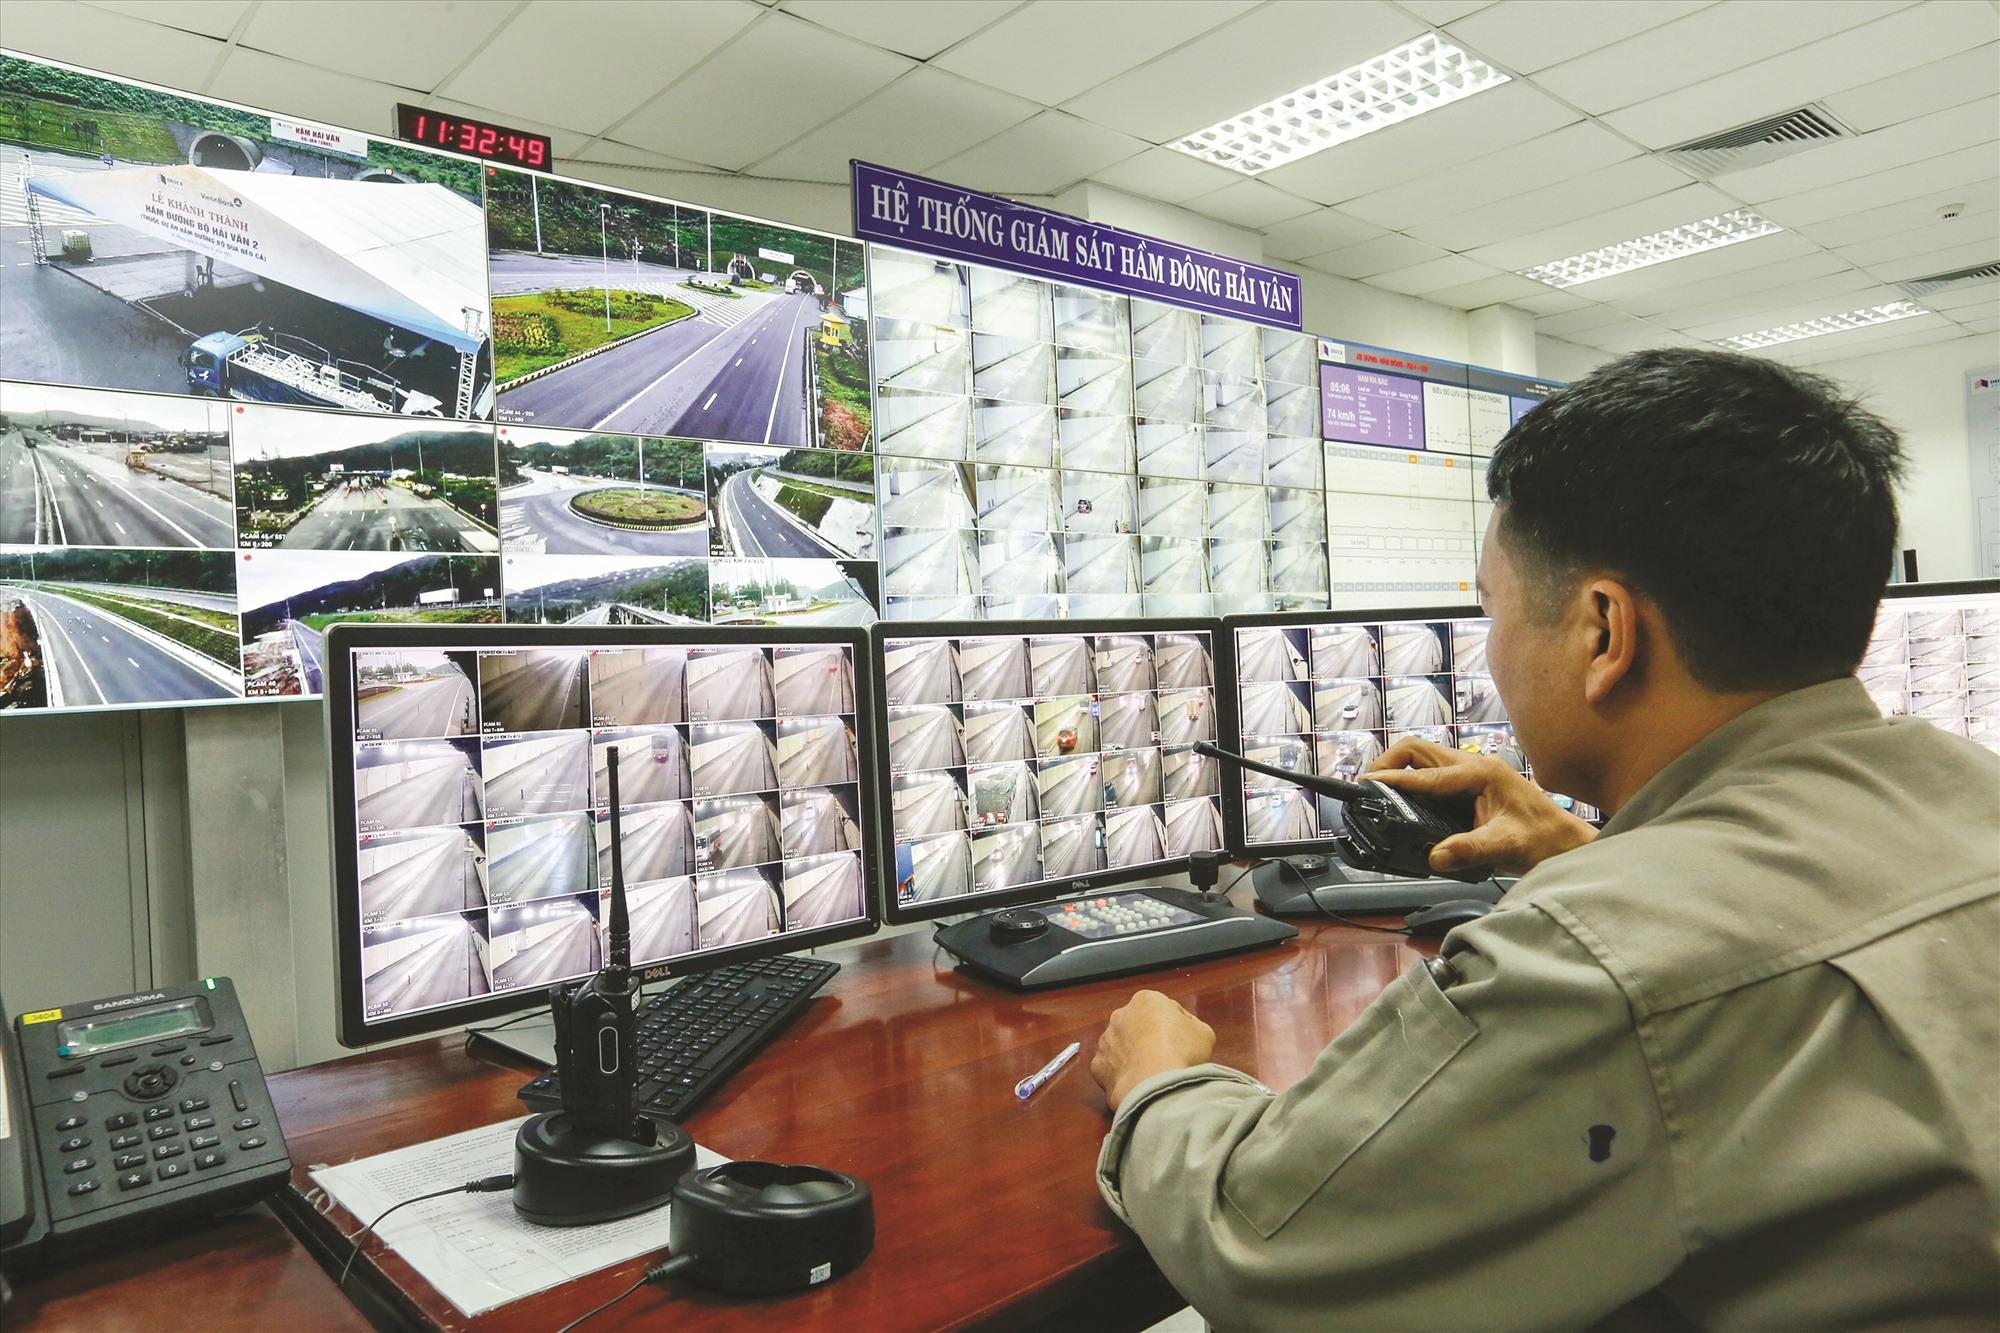 Tất cả góc trong hầm Hải Vân 2 đều được gắn camera, truyền hình ảnh trực tiếp về nhà điều hành để xử lý các tình huống.